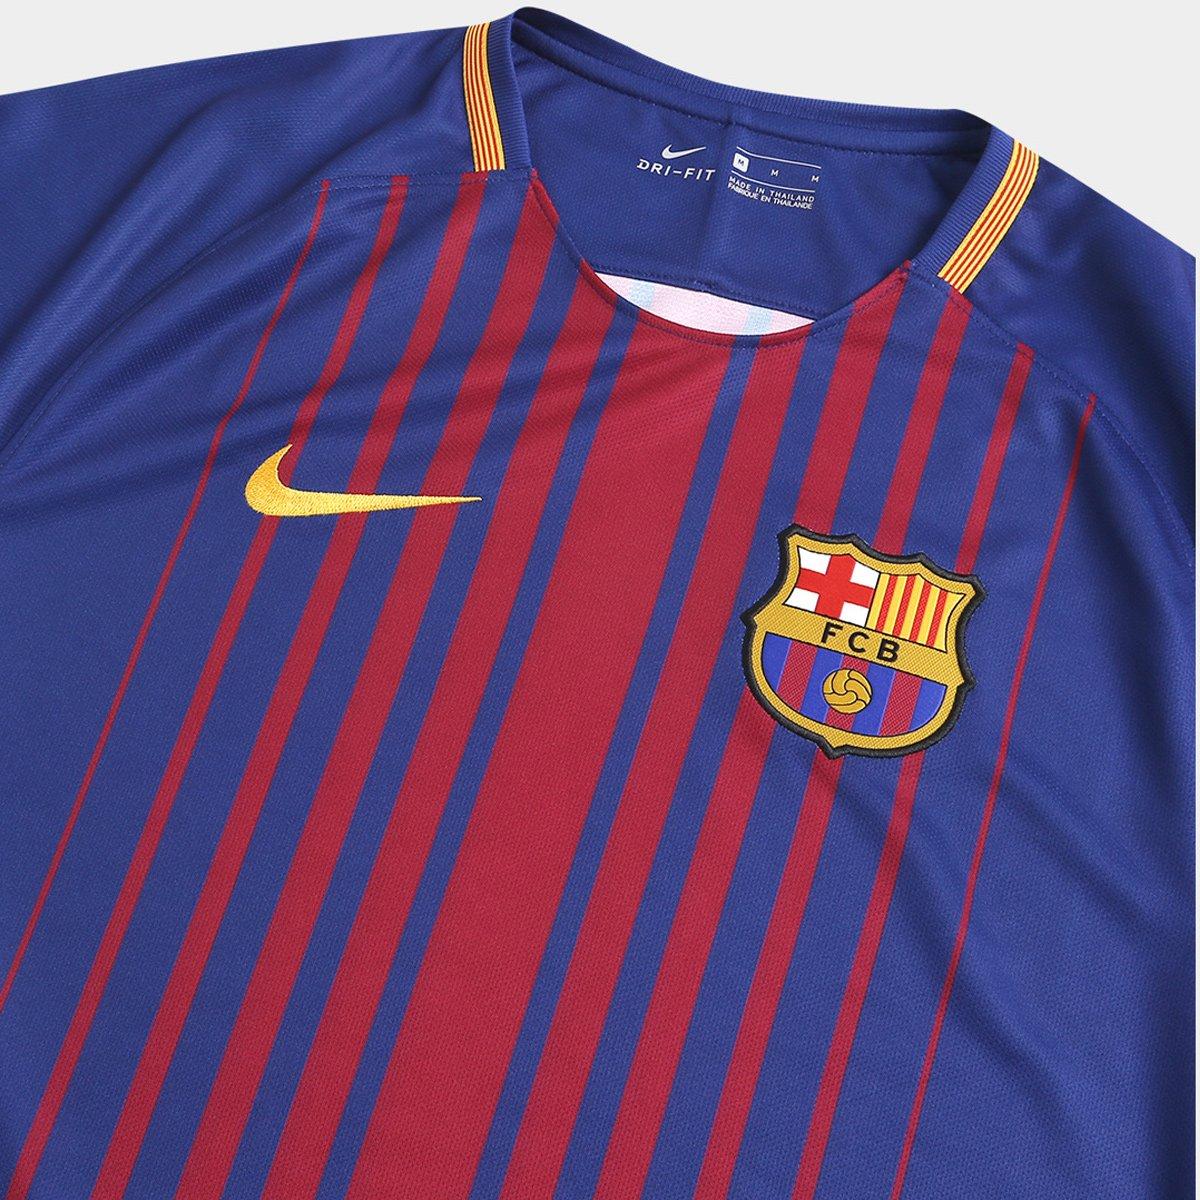 61b964405b Camisa Barcelona Home 17 18 s nº Torcedor Nike Masculina - Compre ...